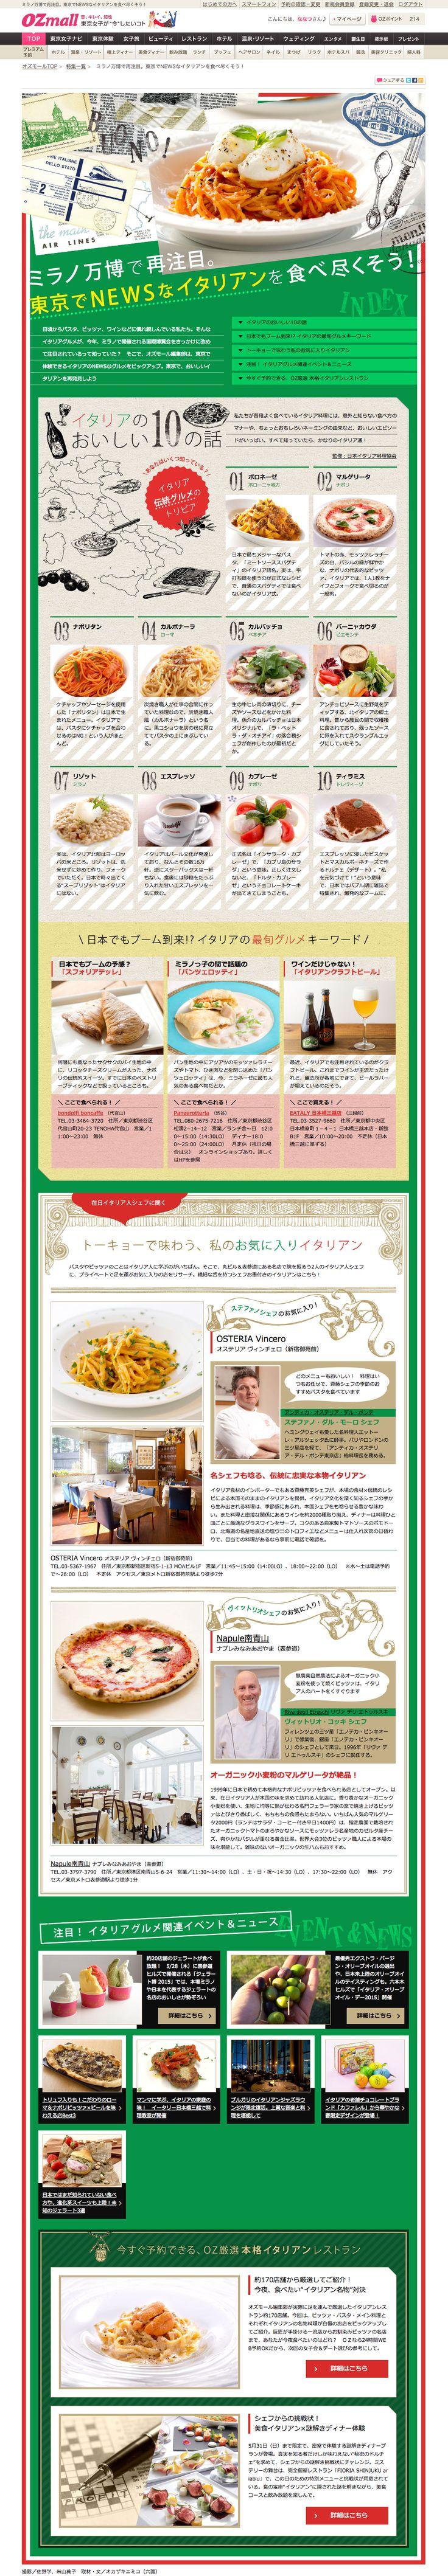 ミラノ万博で再注目。東京でNEWSなイタリアンを食べ尽くそう! - OZmall